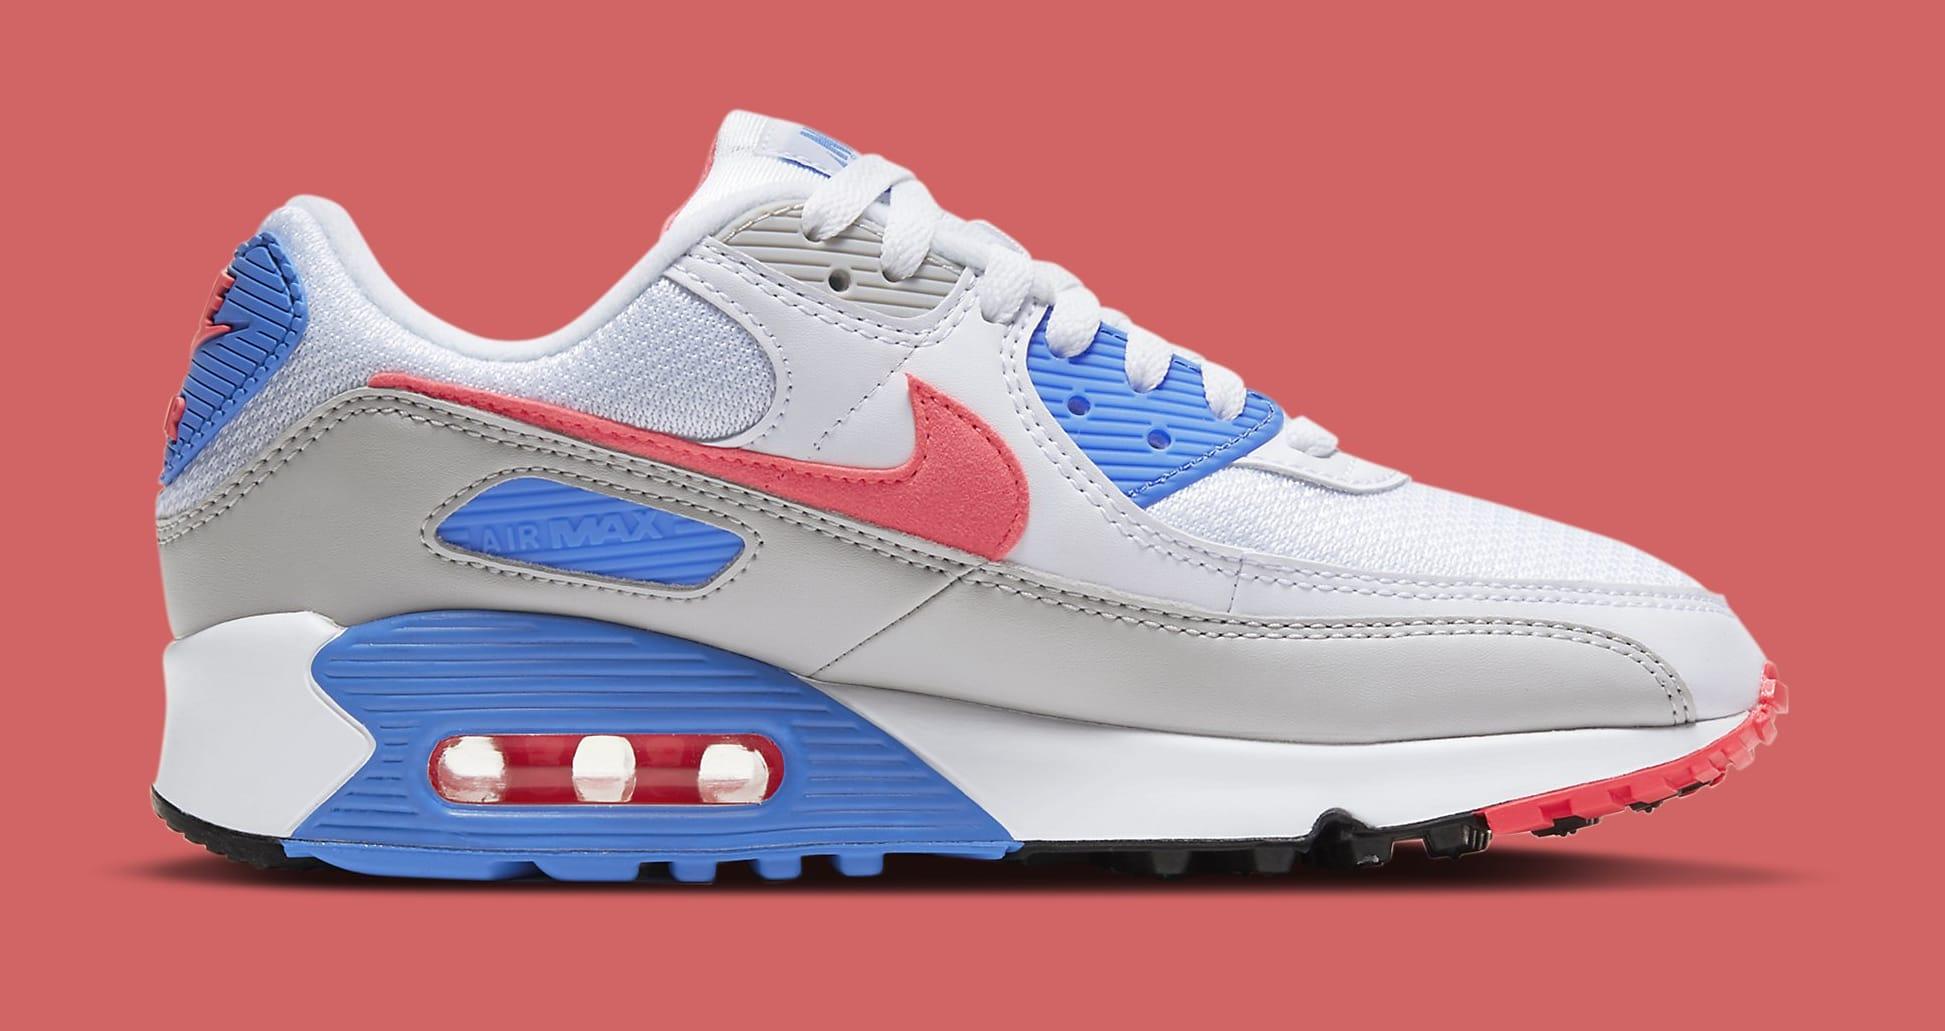 Nike Air Max 90 'Hot Coral' DA8856-100 (Medial)